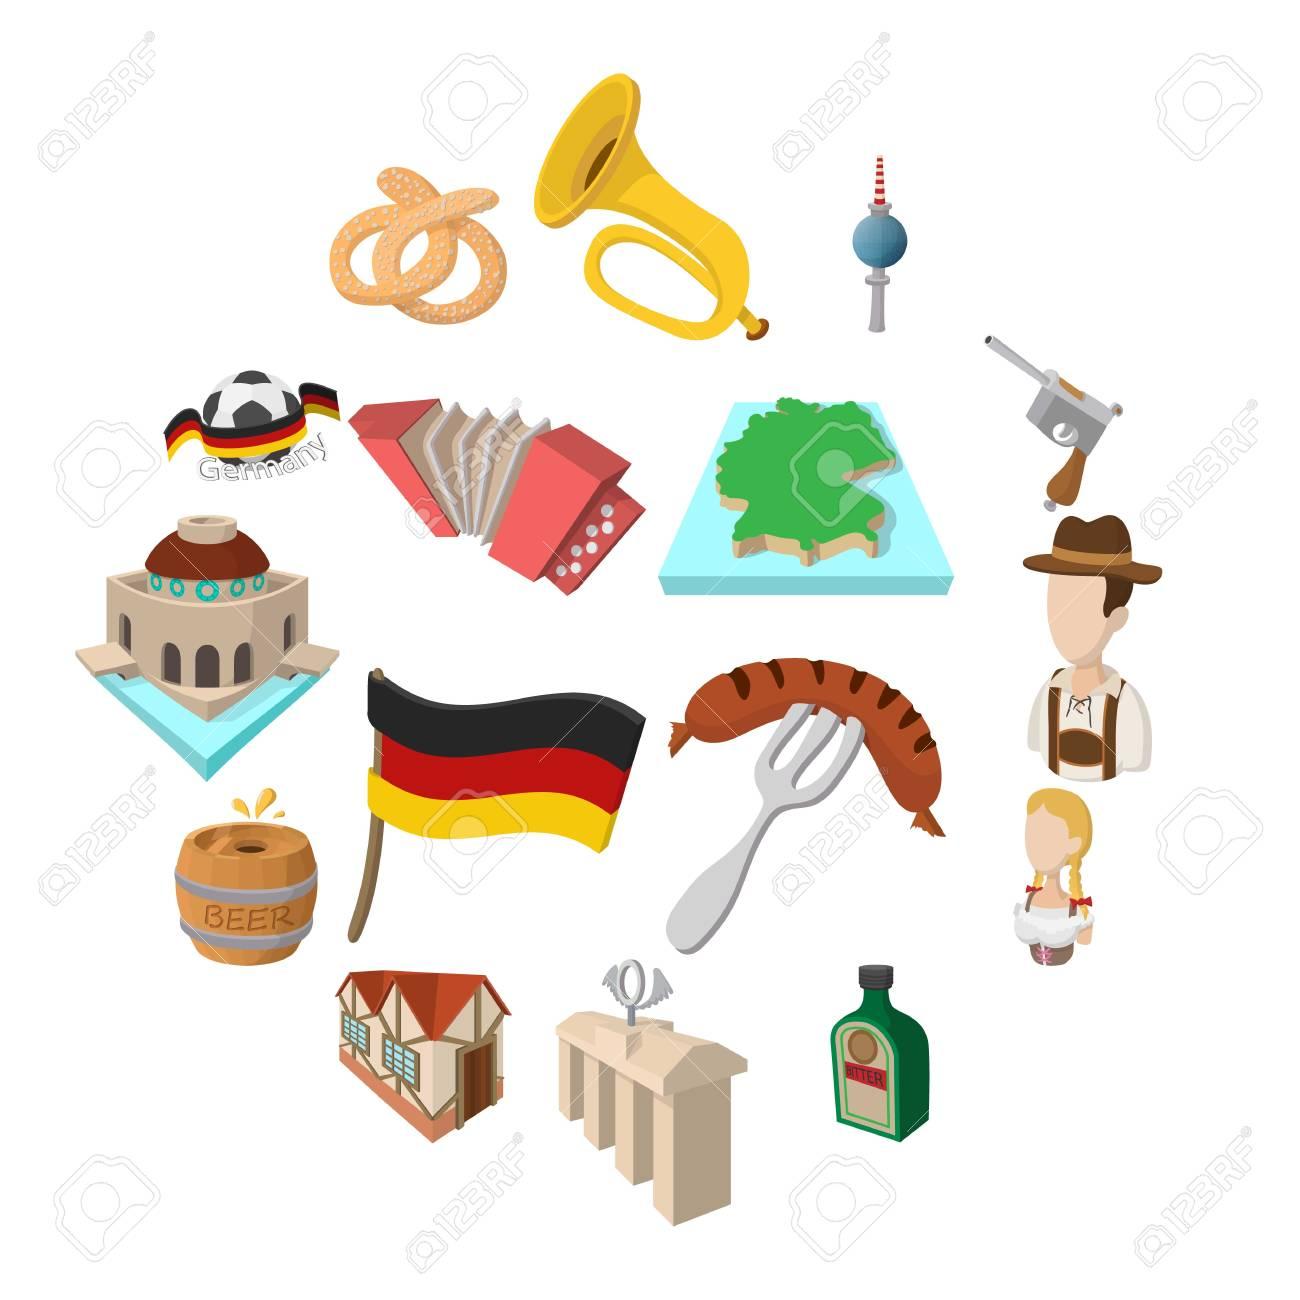 Deutschland – Symbole, Speisen, Orte,Persönlichkeiten